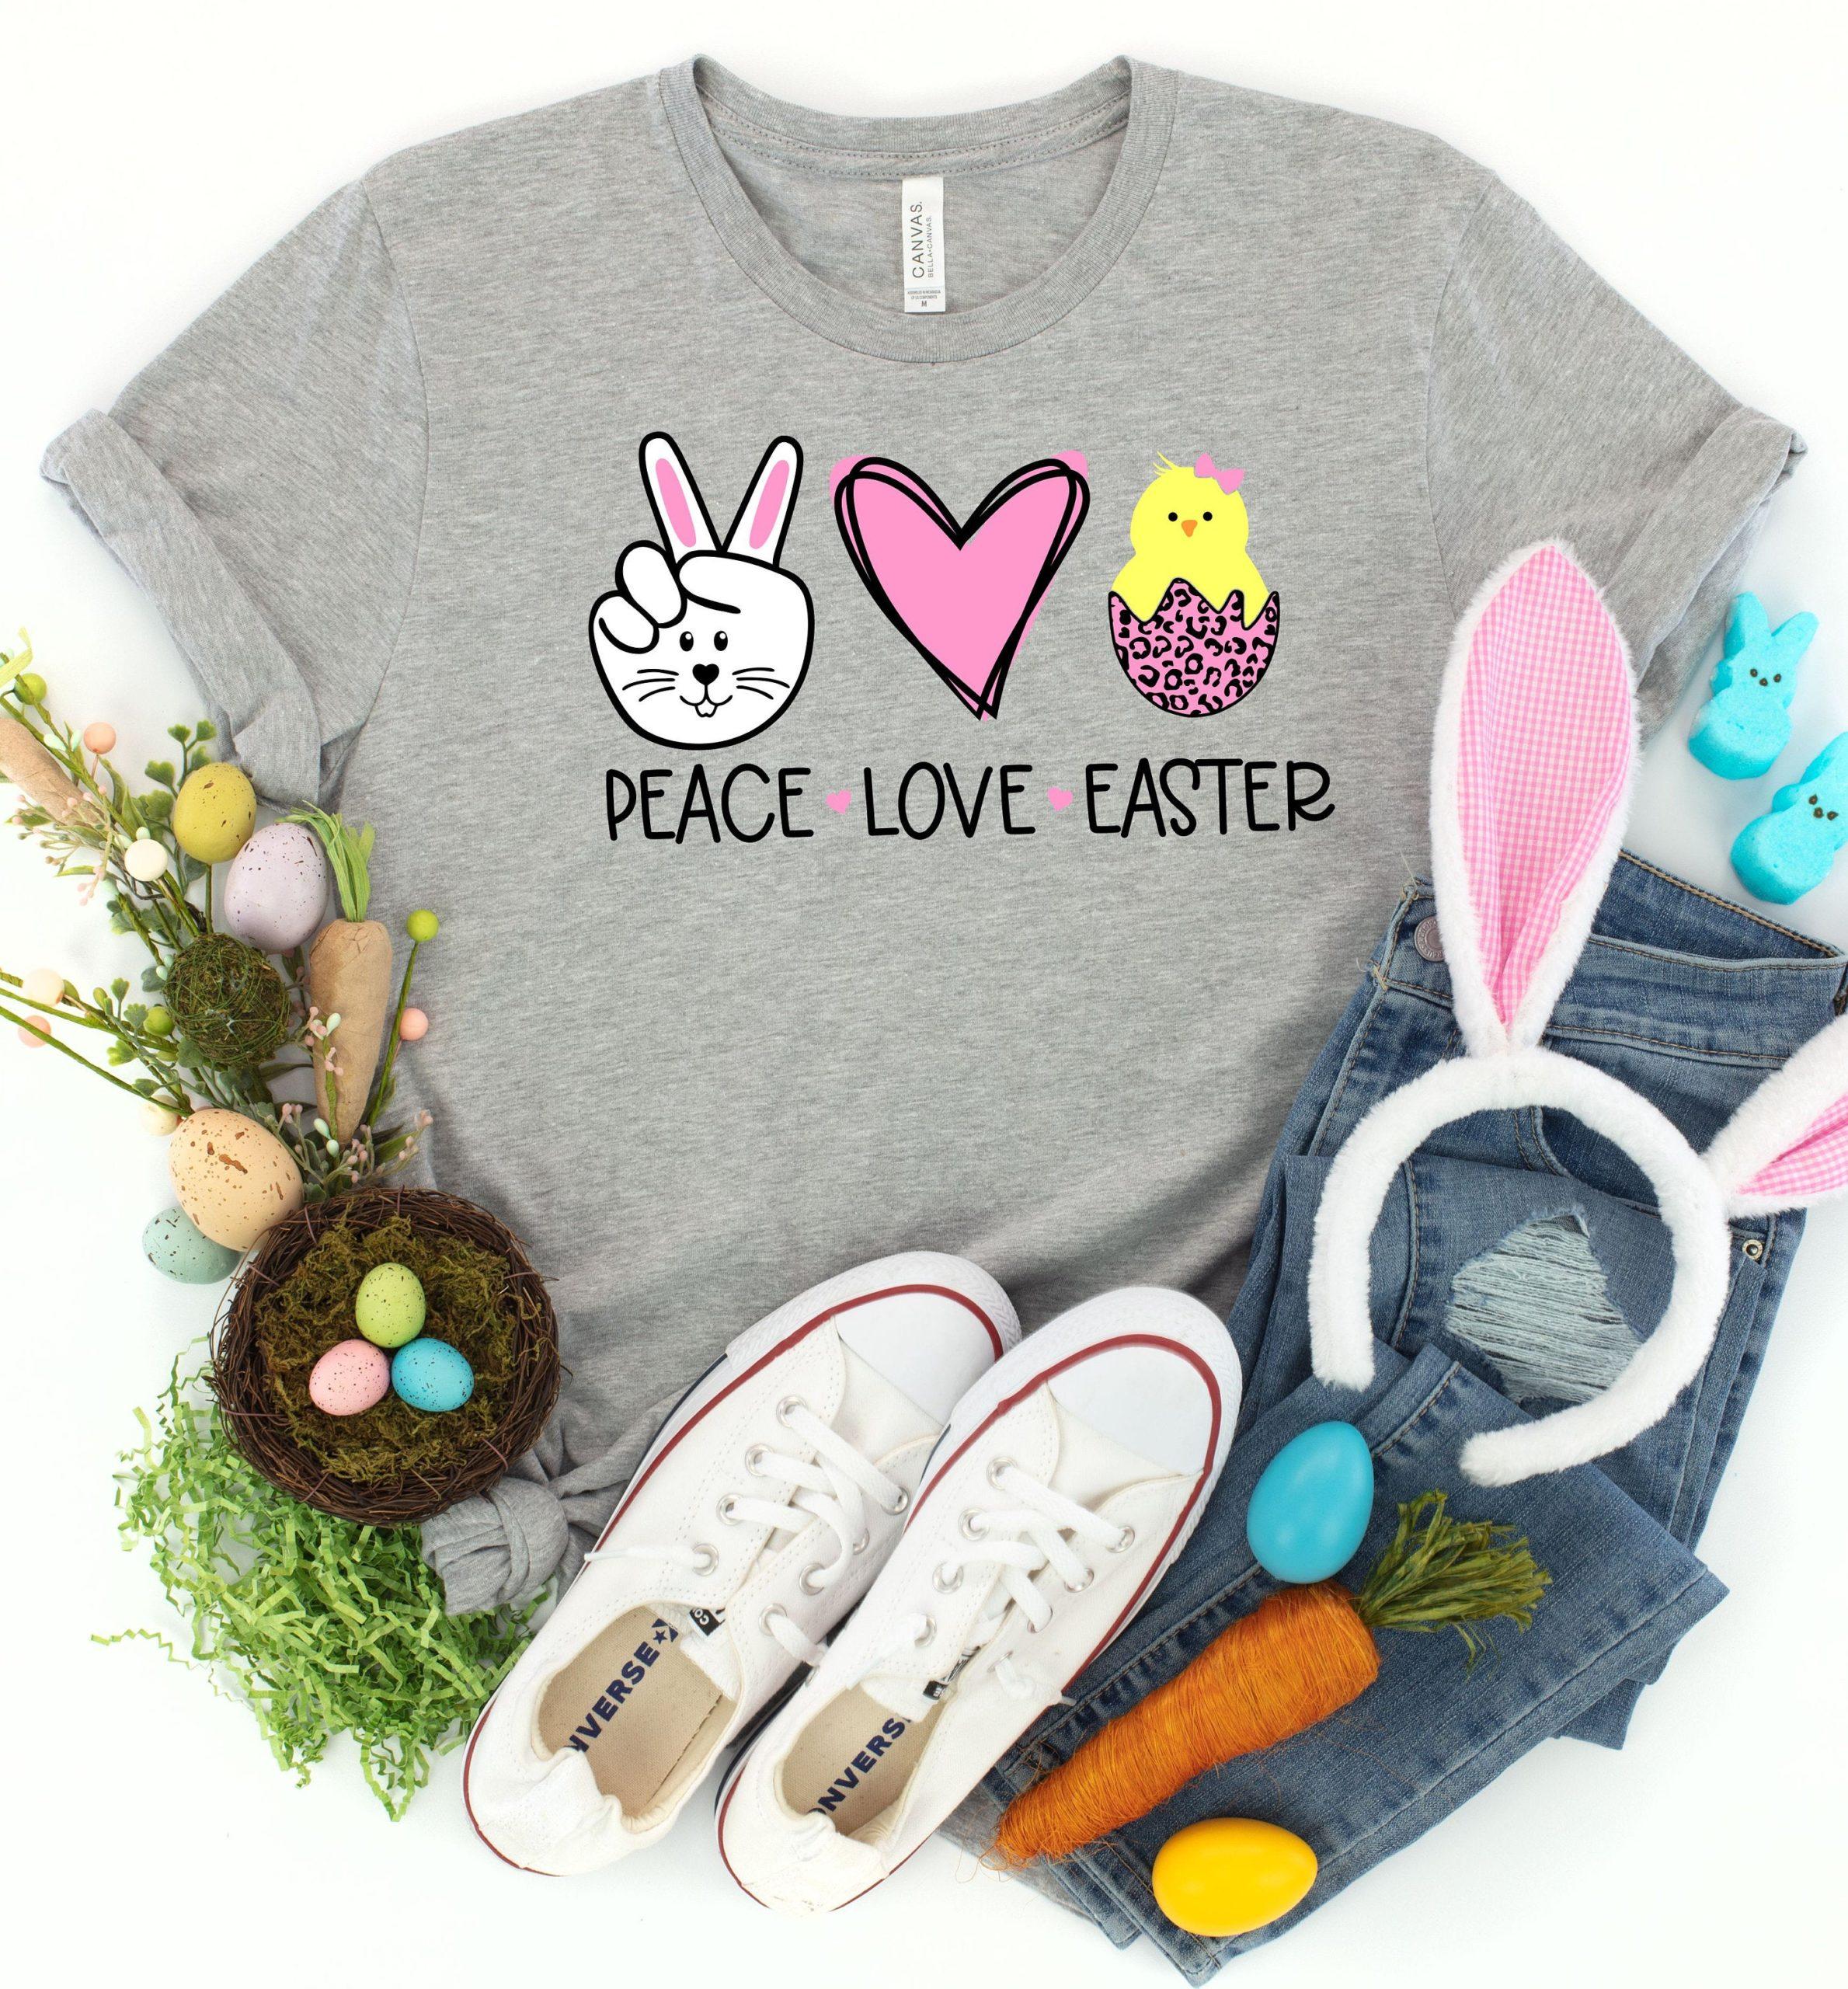 Easter-svg-peace-love-easter-svg-peace-love-svg-religious-svg-jesus-svg-easter-svg-design-easter-cut-file-easter-svgs-cricut-svg-60513bac